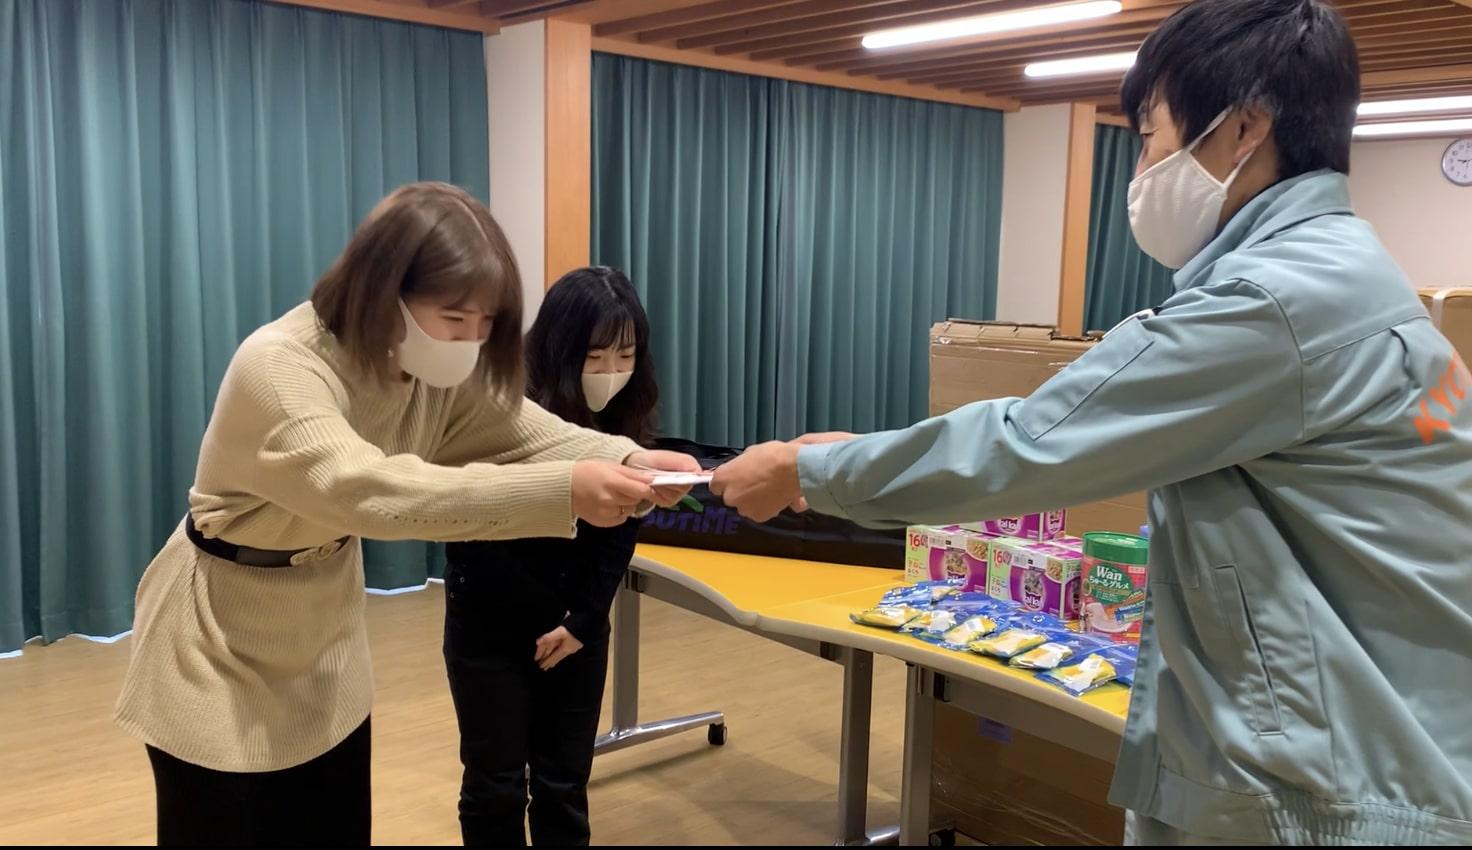 生徒が中心となって毎年実施している、寄付活動。手作りペットグッズをイベントで販売して、その利益で愛護センターなどが希望する品物を購入します。今年も京都動物愛護センターへ寄贈してきました。